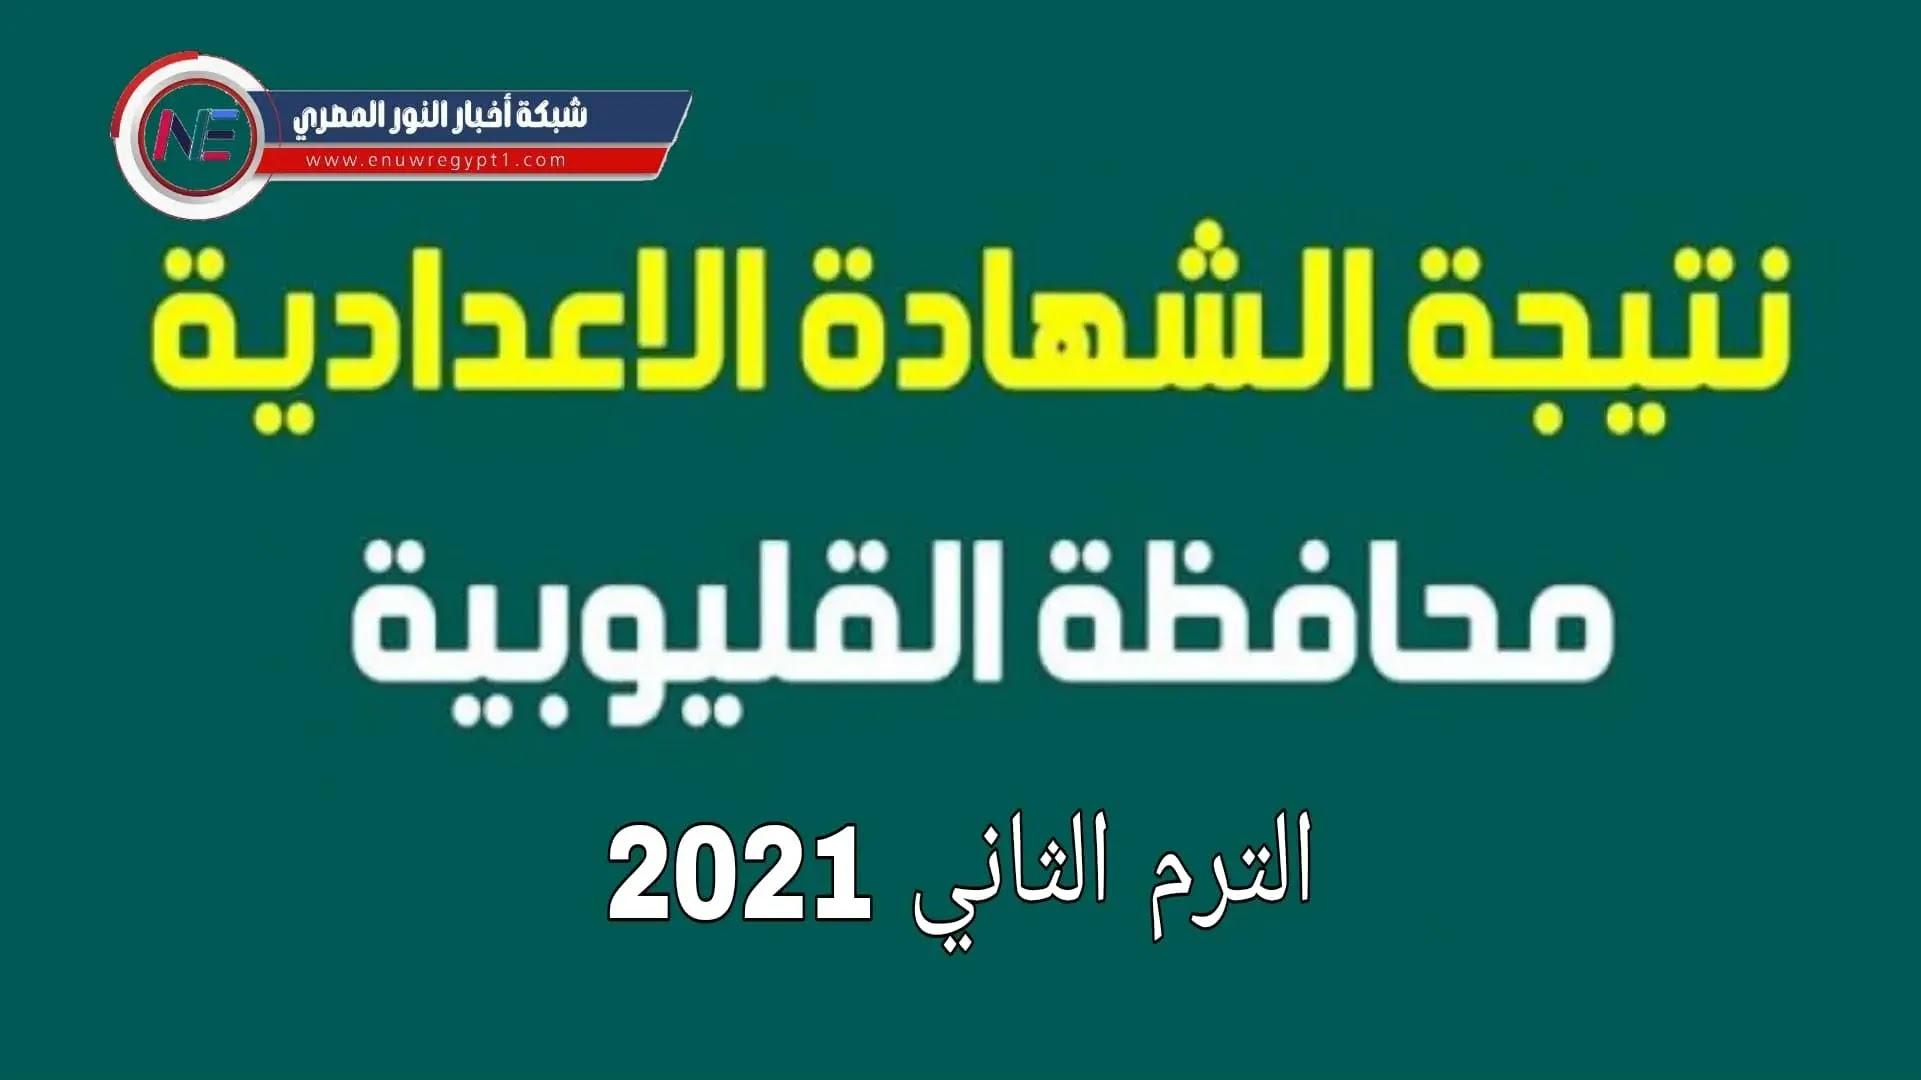 صدرت الان .. نتيجة الشهادة الإعدادية الترم الثاني 2021 محافظة القليوبية عبر البوابة الالكترونية بالاسم و رقم الجلوس